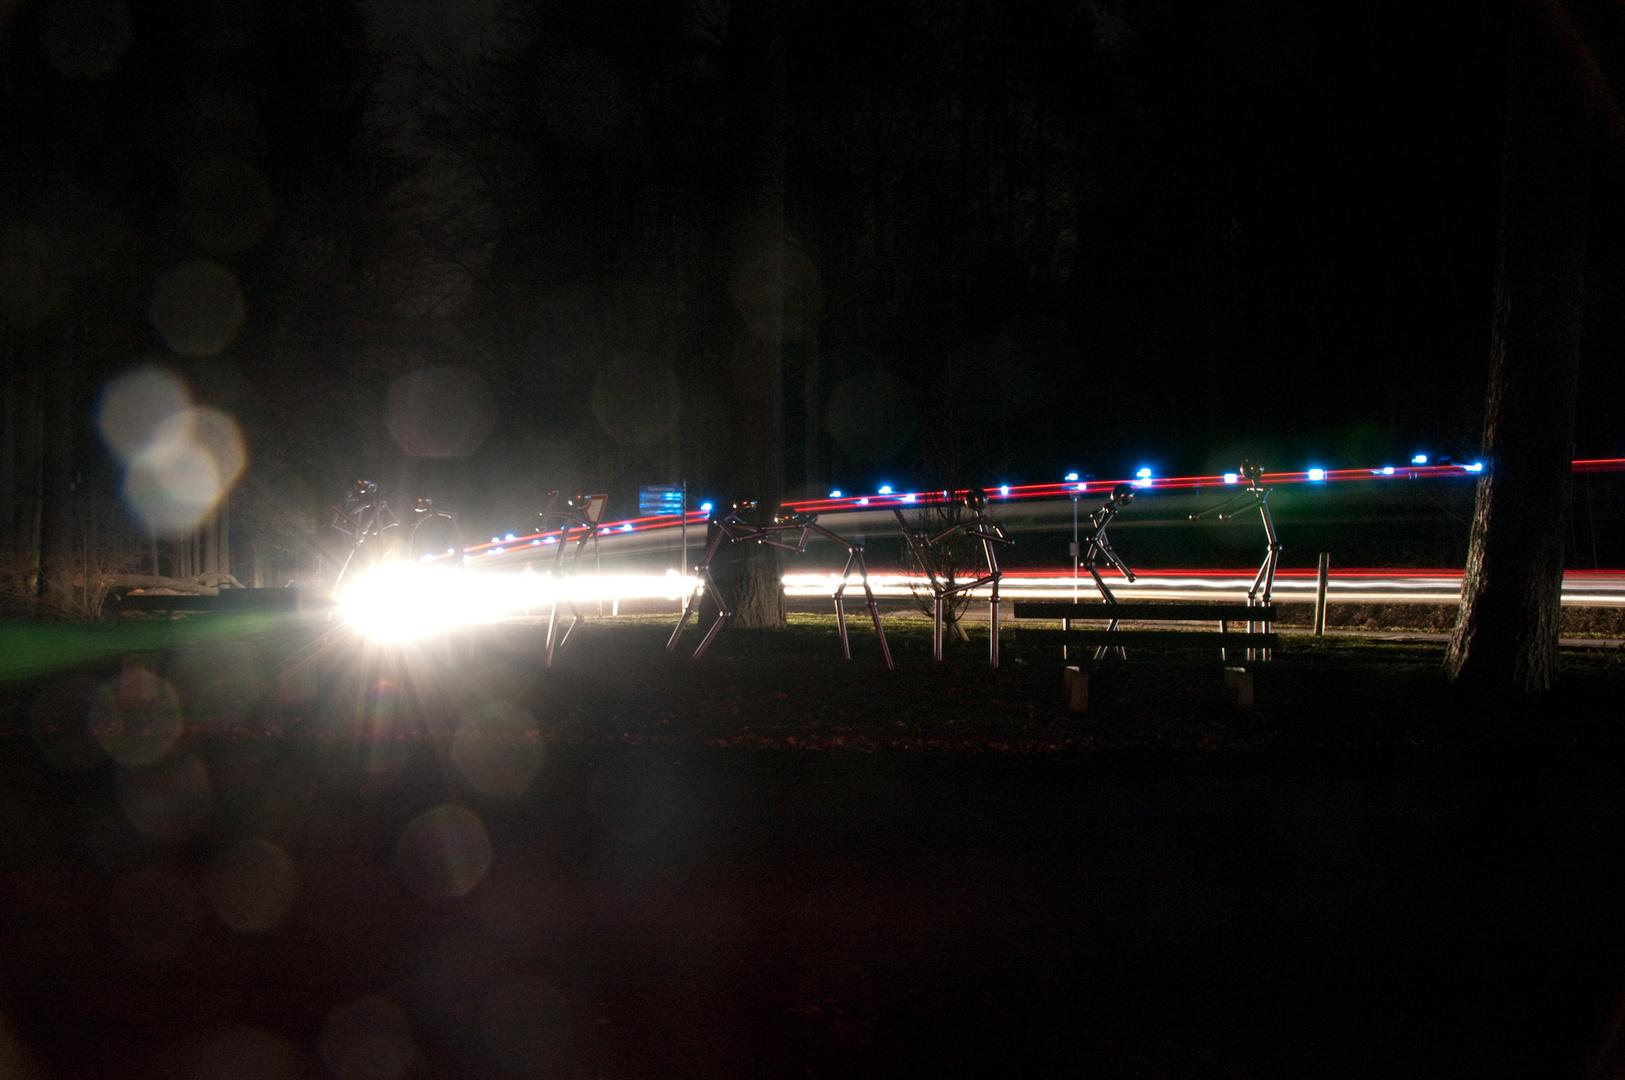 Sportler in der Nacht